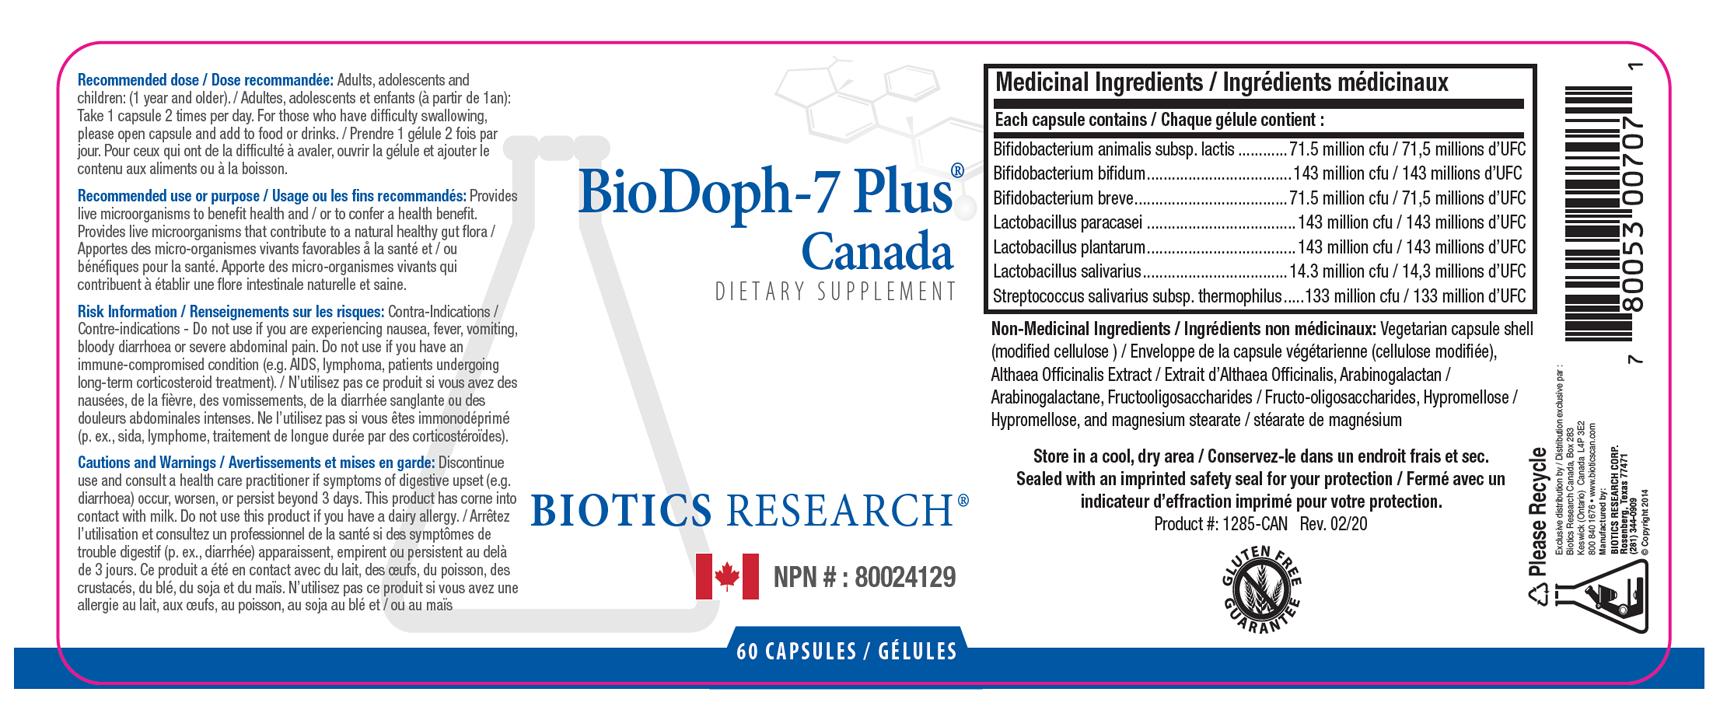 BioDoph-7 Plus - Label